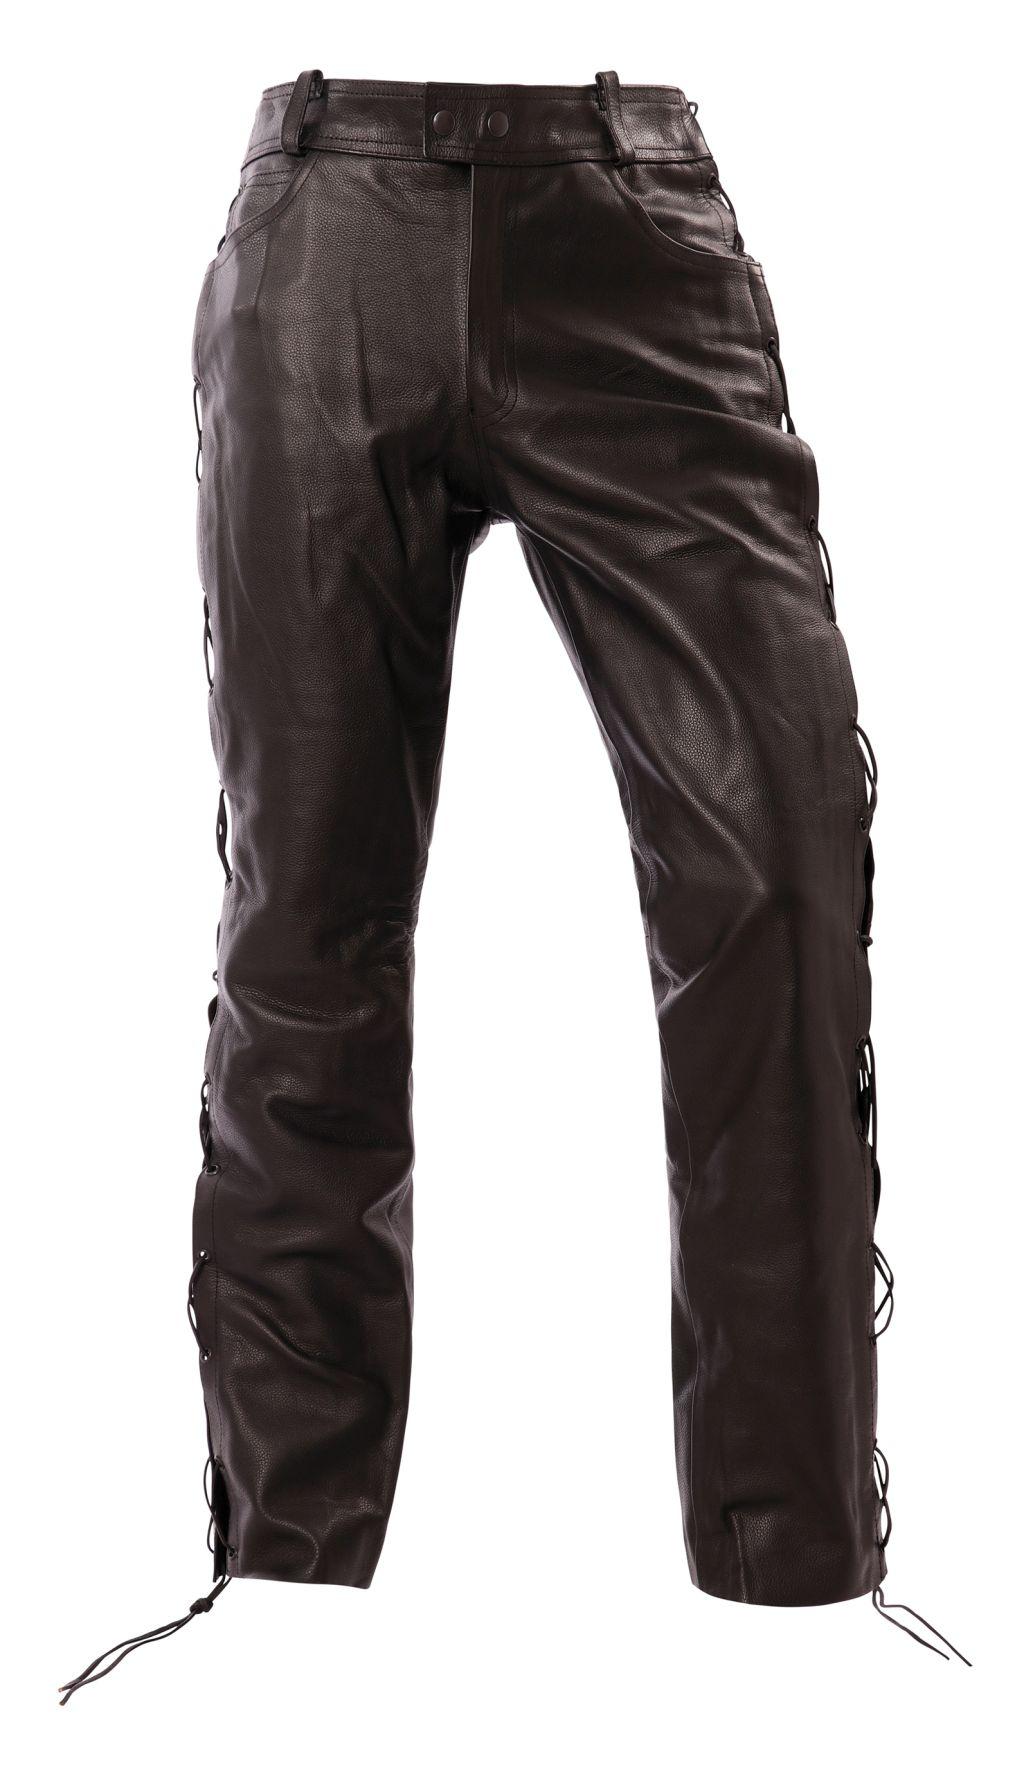 Motorrad Schnürjeans Leder Jeans Biker Hose Schwarz 29 - 34 inch